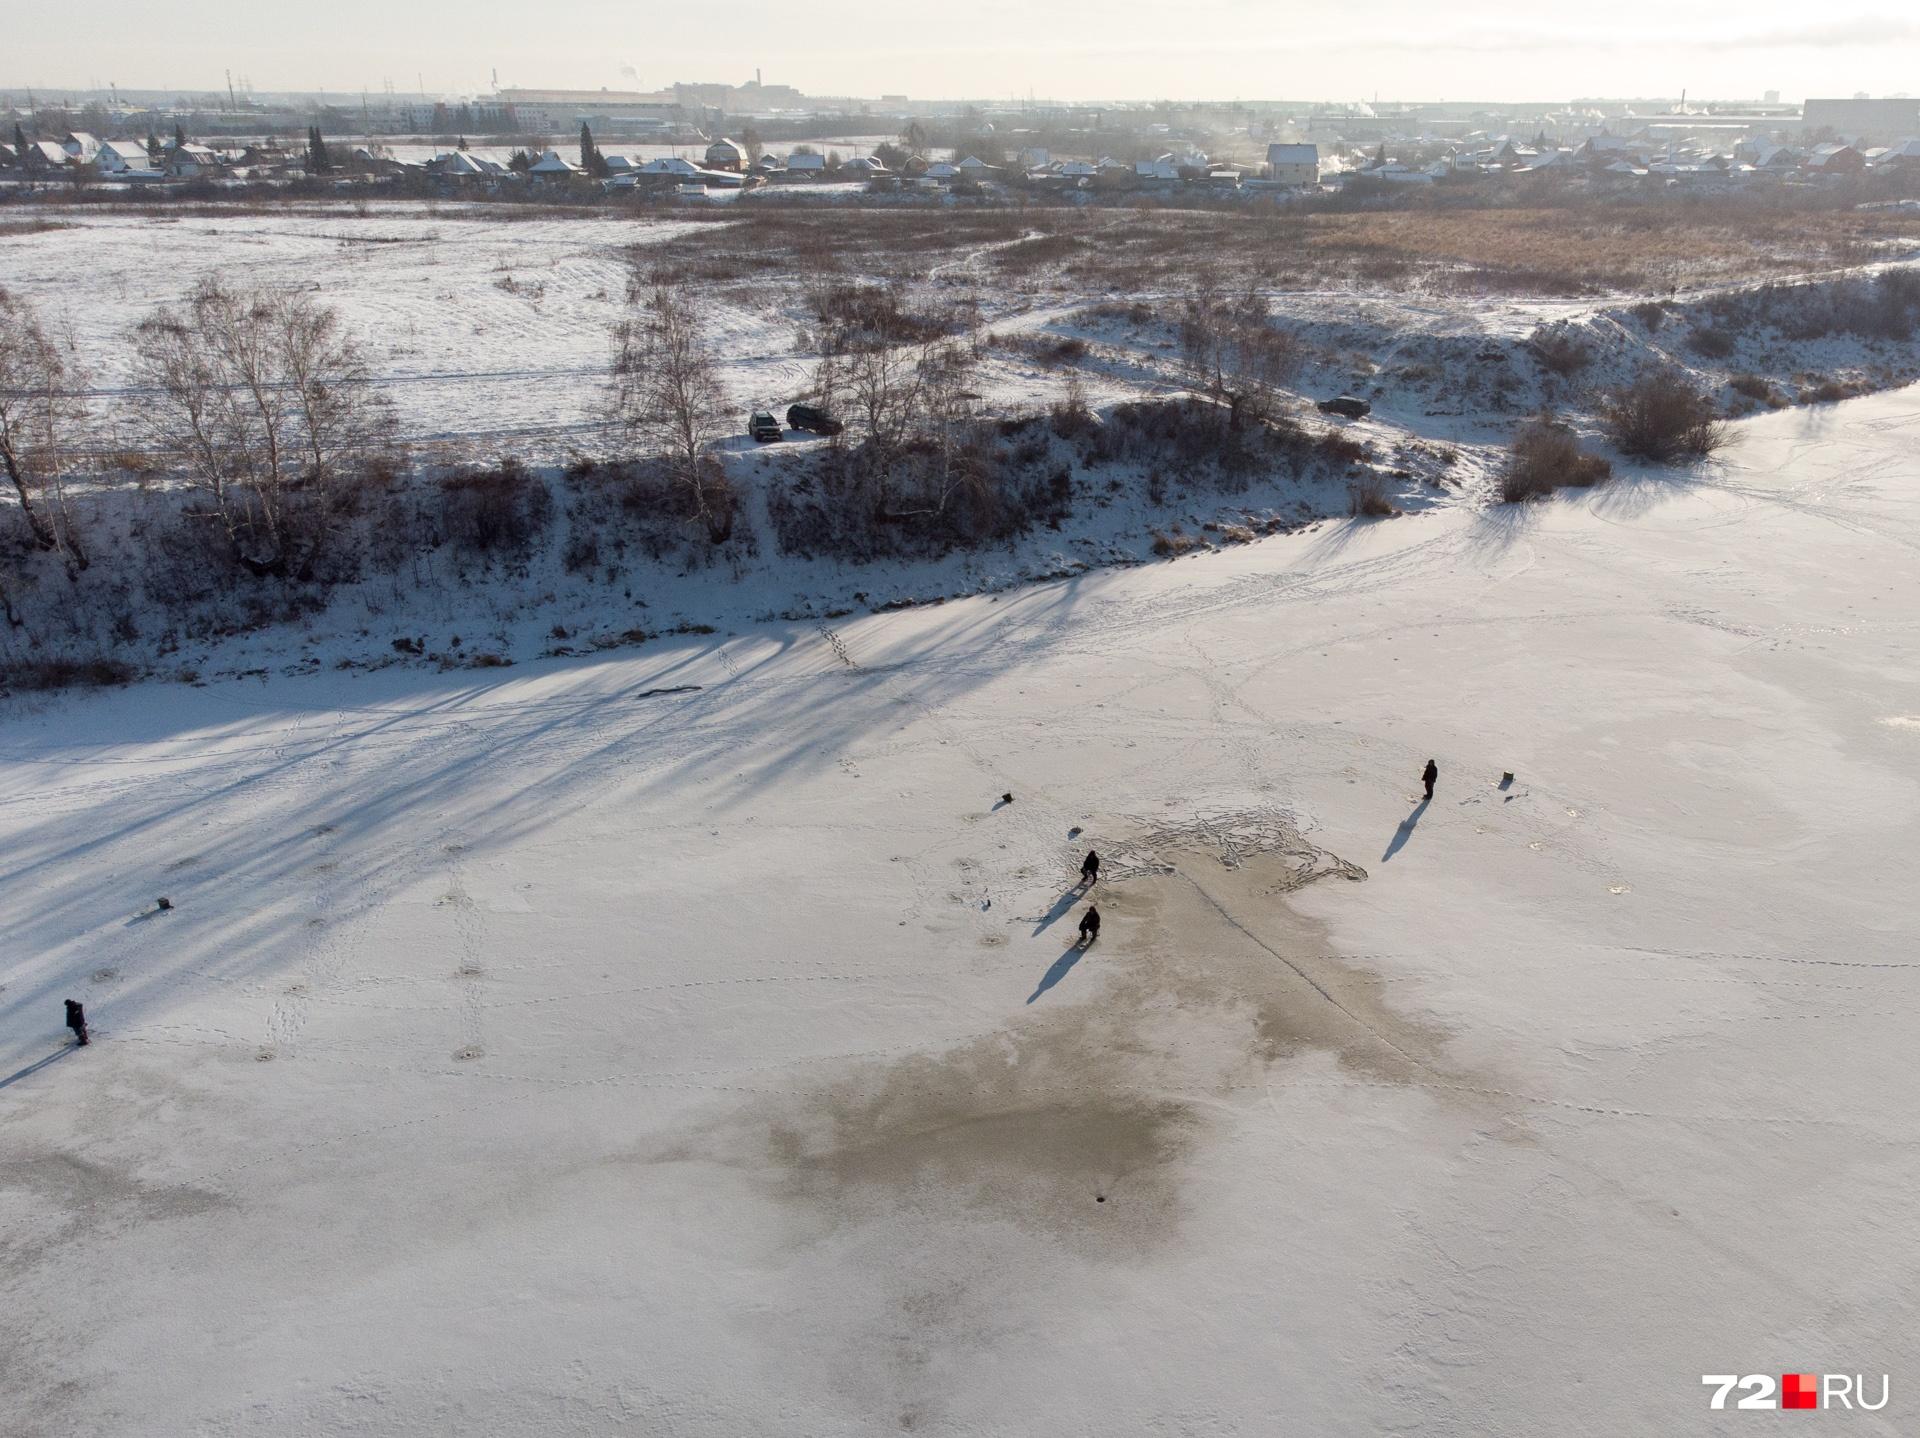 Со стороны кажется, что лед еще не крепкий и выходить на него опасно.Городские власти даже организовали дежурство спасателей около городских водоемов